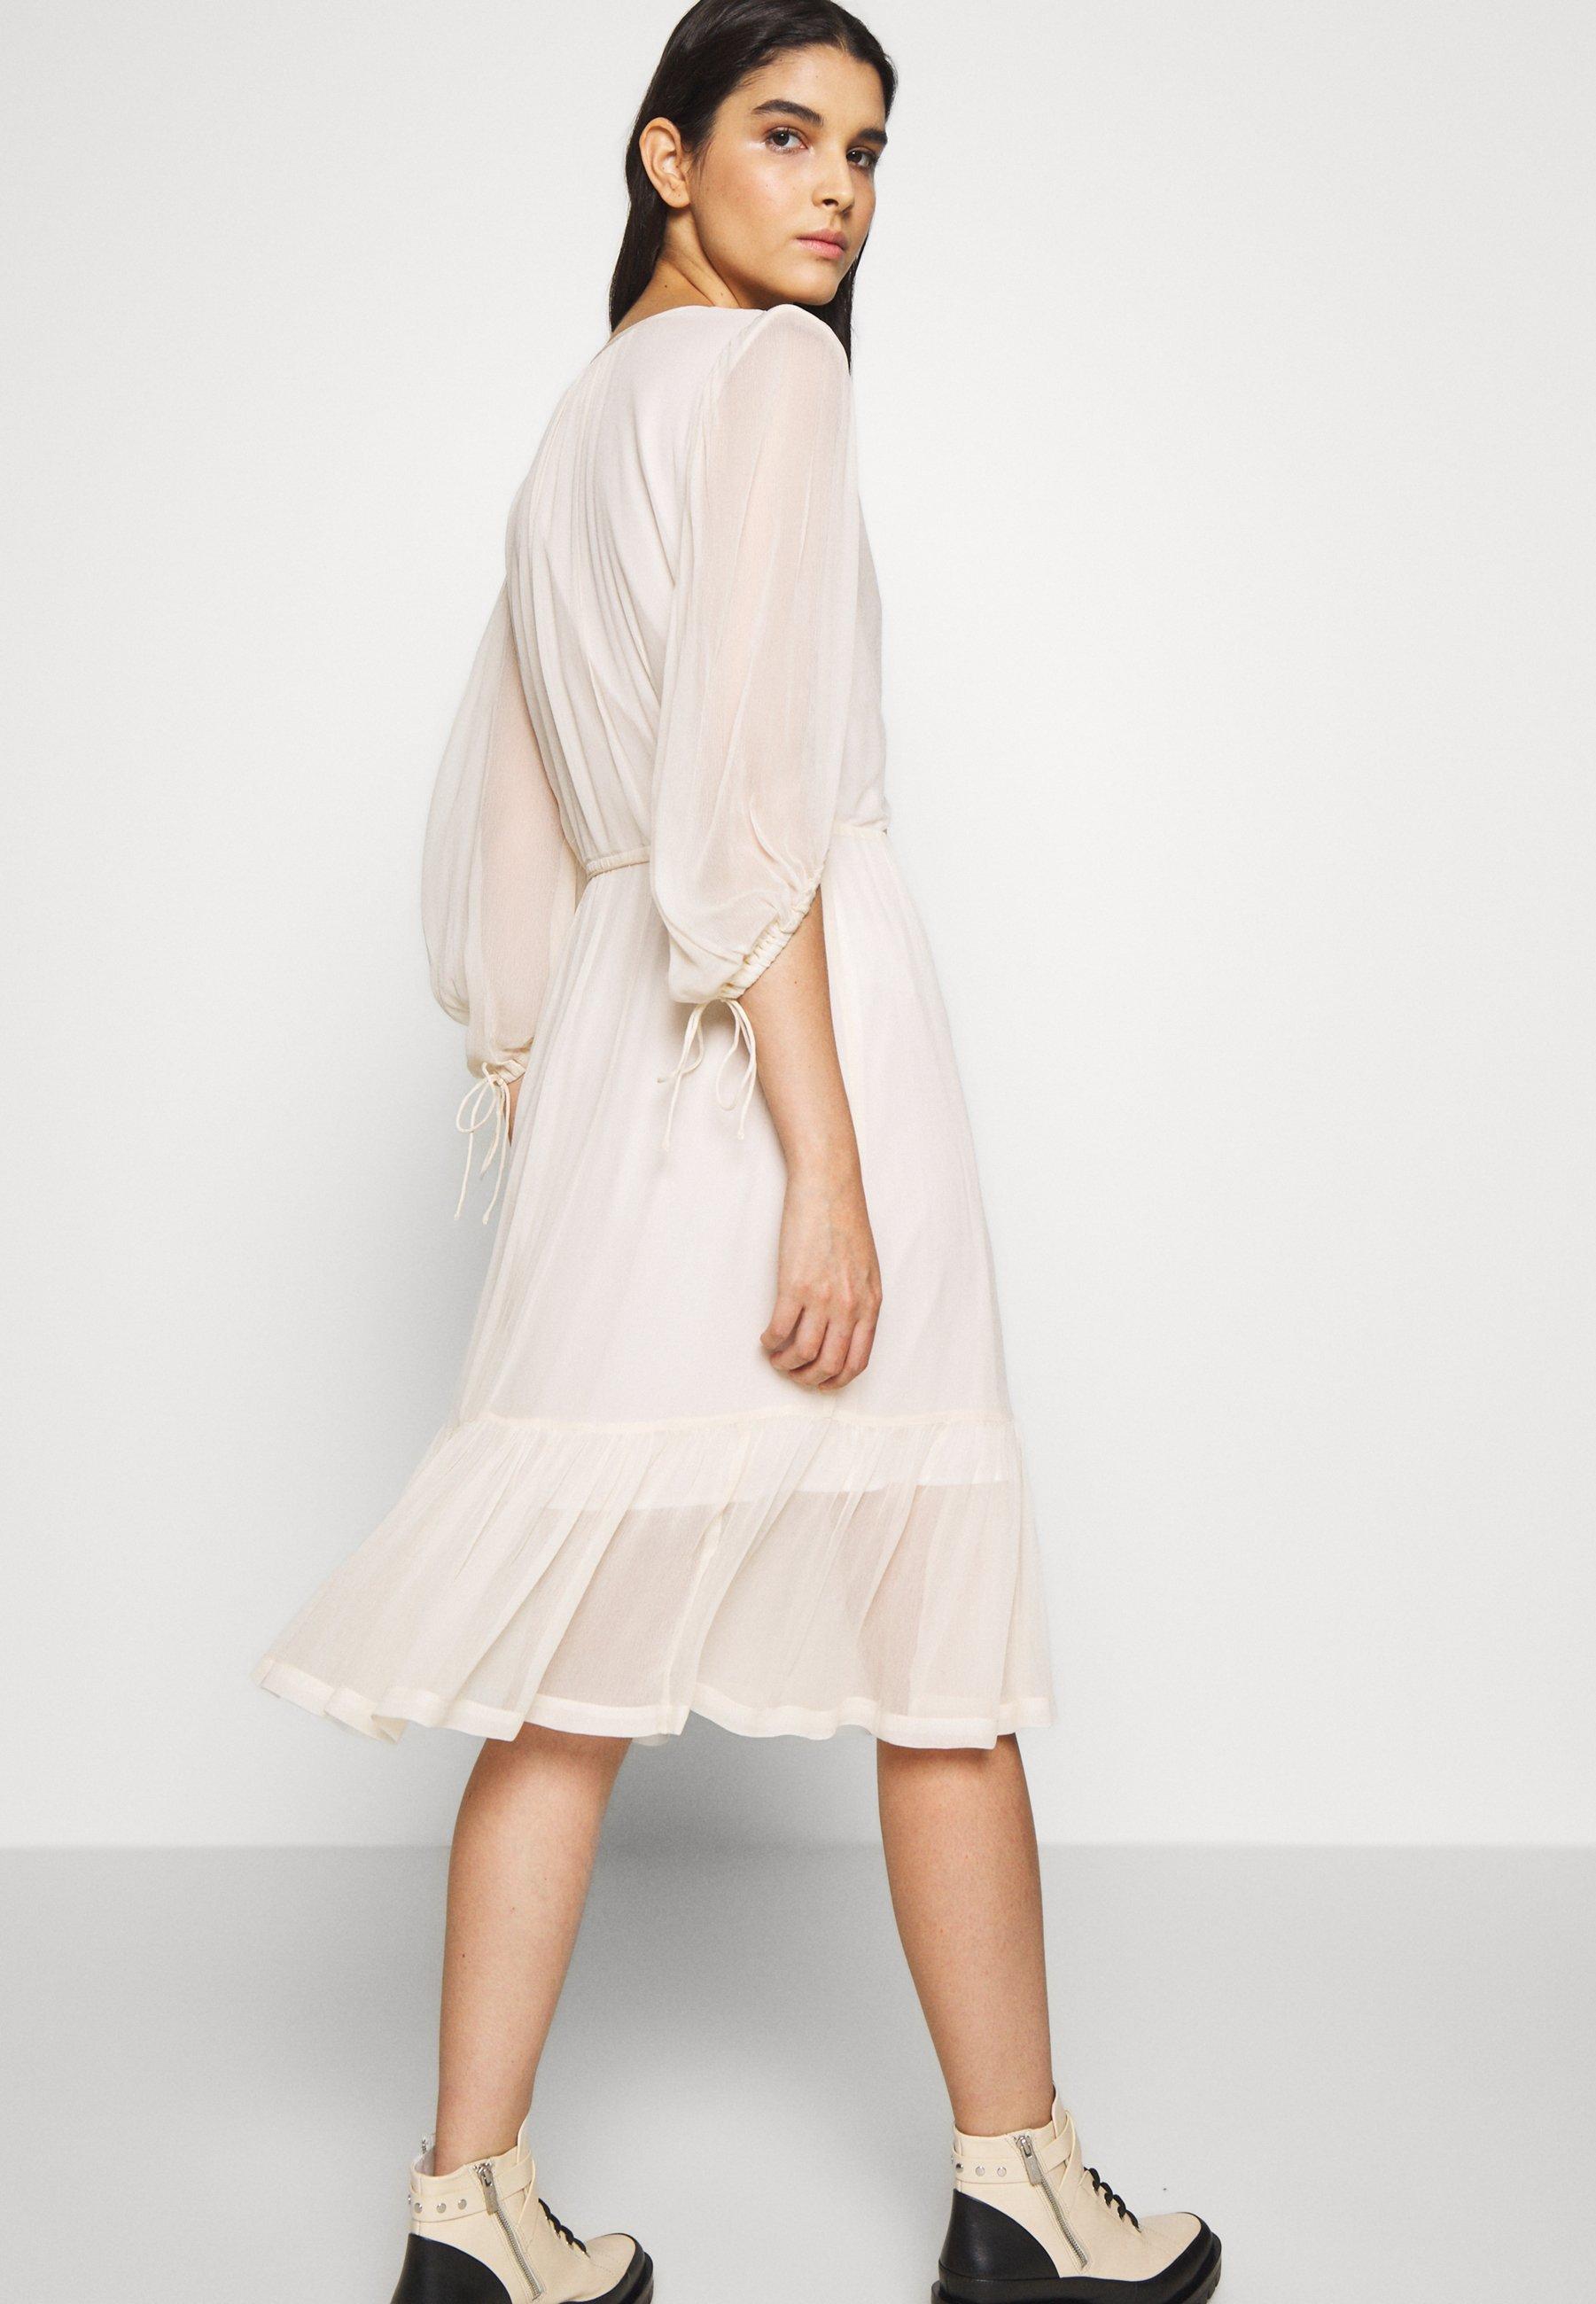 Tania cena Duża obniżka DESIGNERS REMIX MINDY EXCLUSIVE DRESS - Sukienka letnia - lemonade | Odzież damska 2020 rjqmw